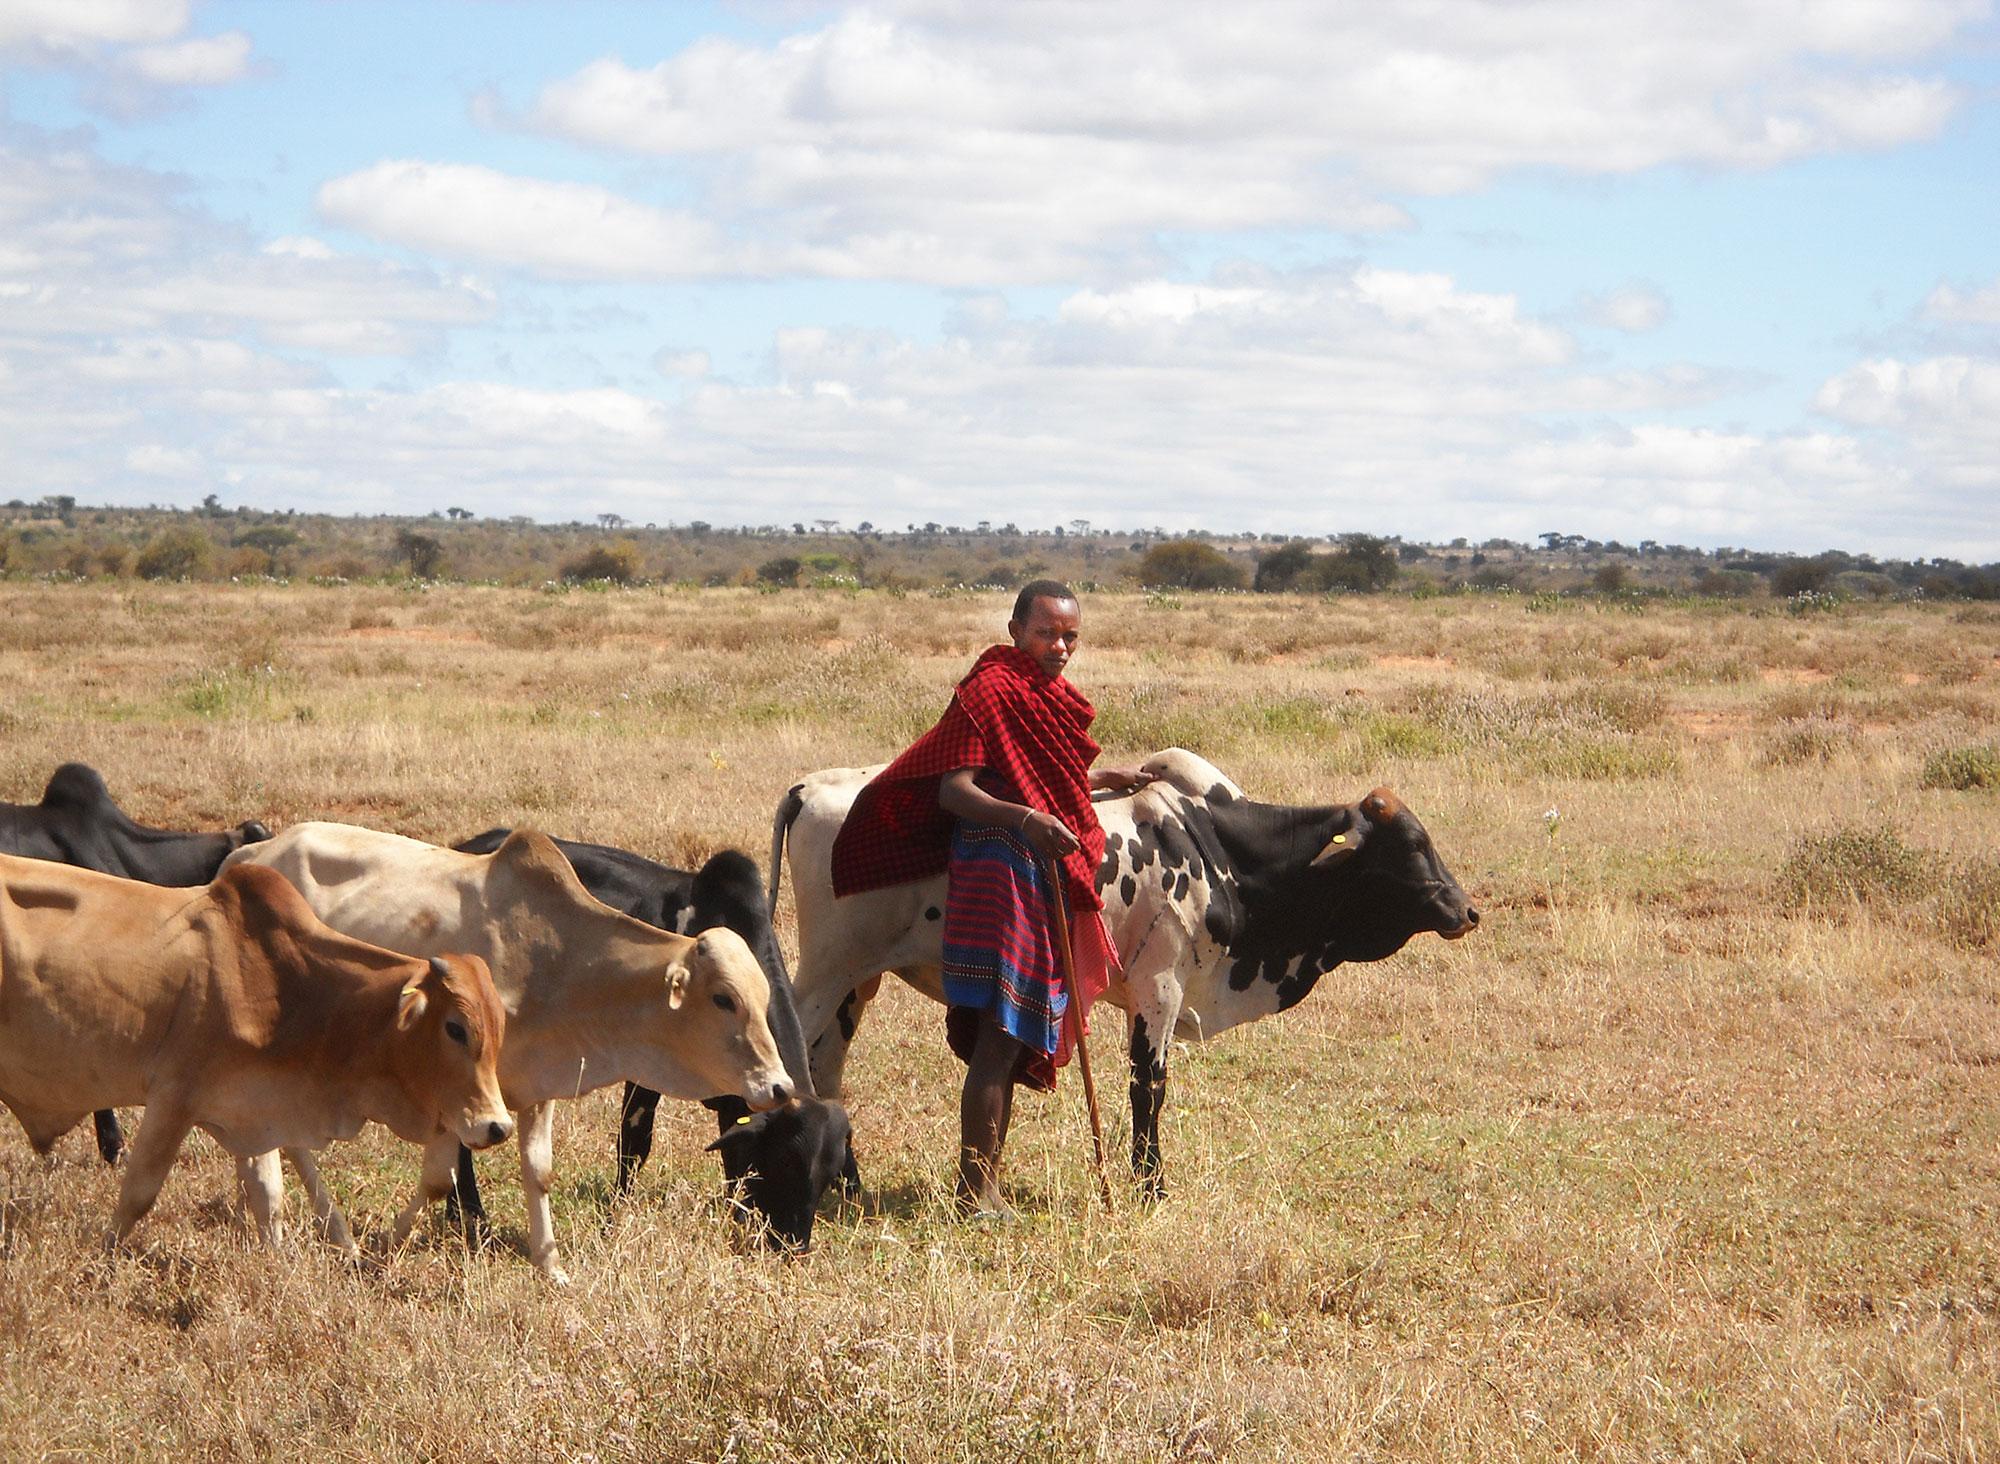 Представитель коренного народа Масаи, живущего всаванне наюге Кении.